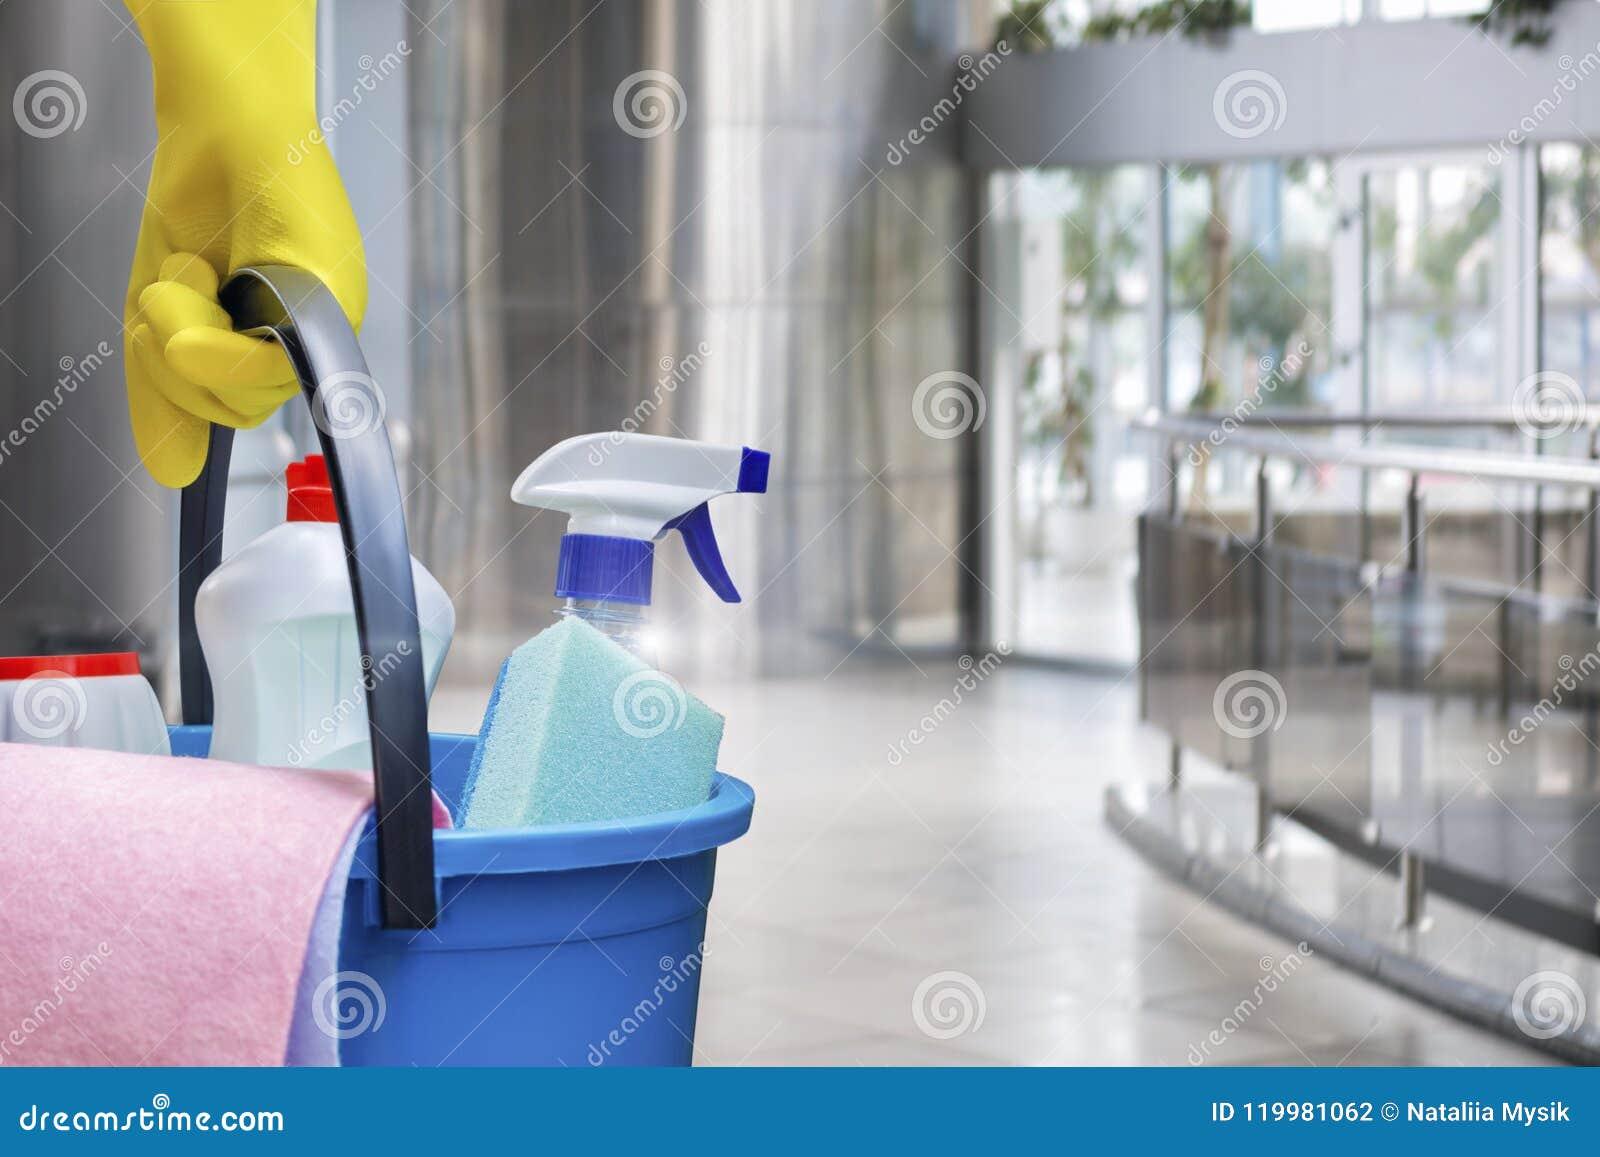 Putzfrau mit Produkten eines Eimers und der Reinigung